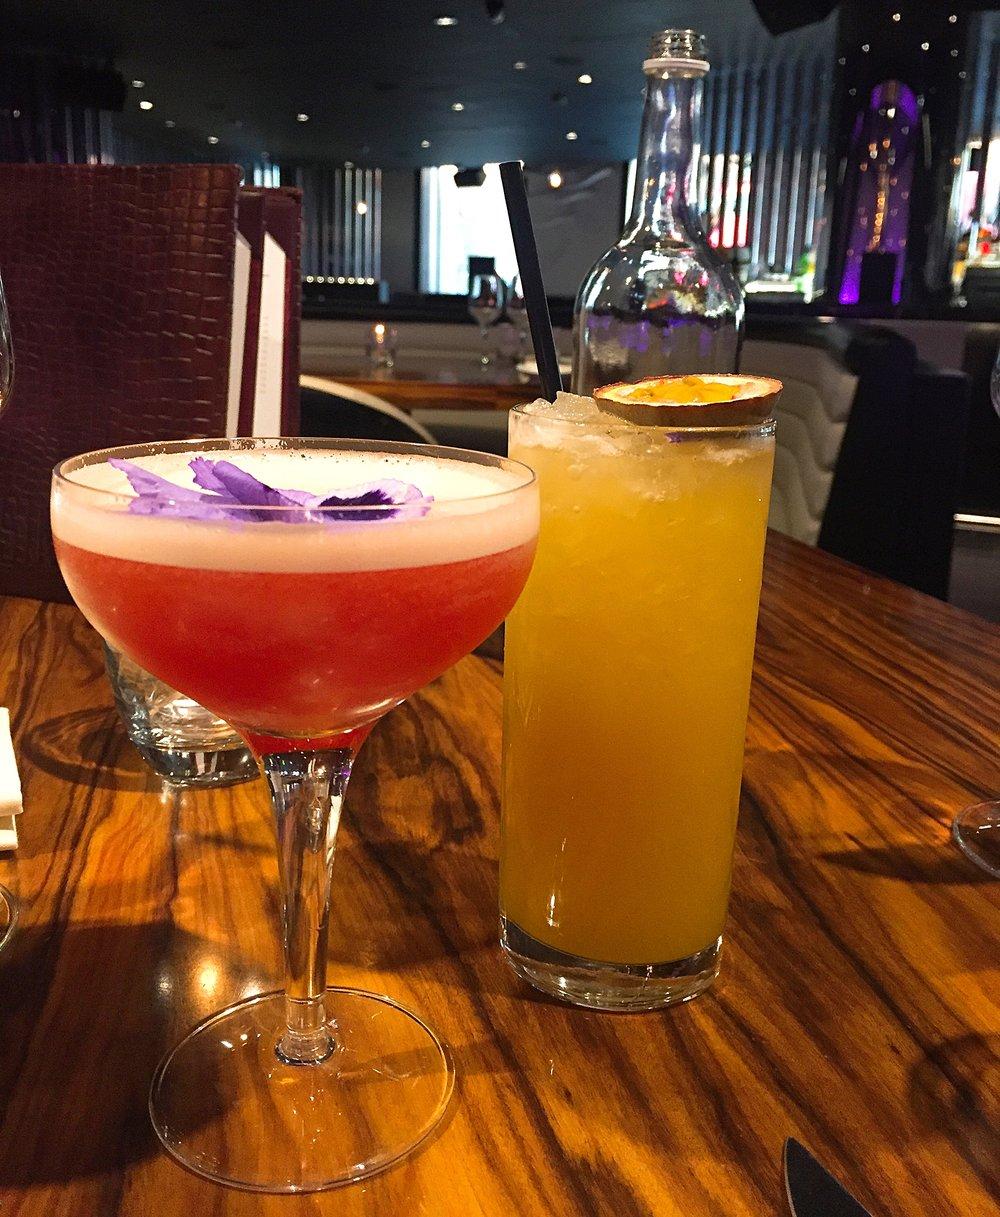 Cocktails at STK